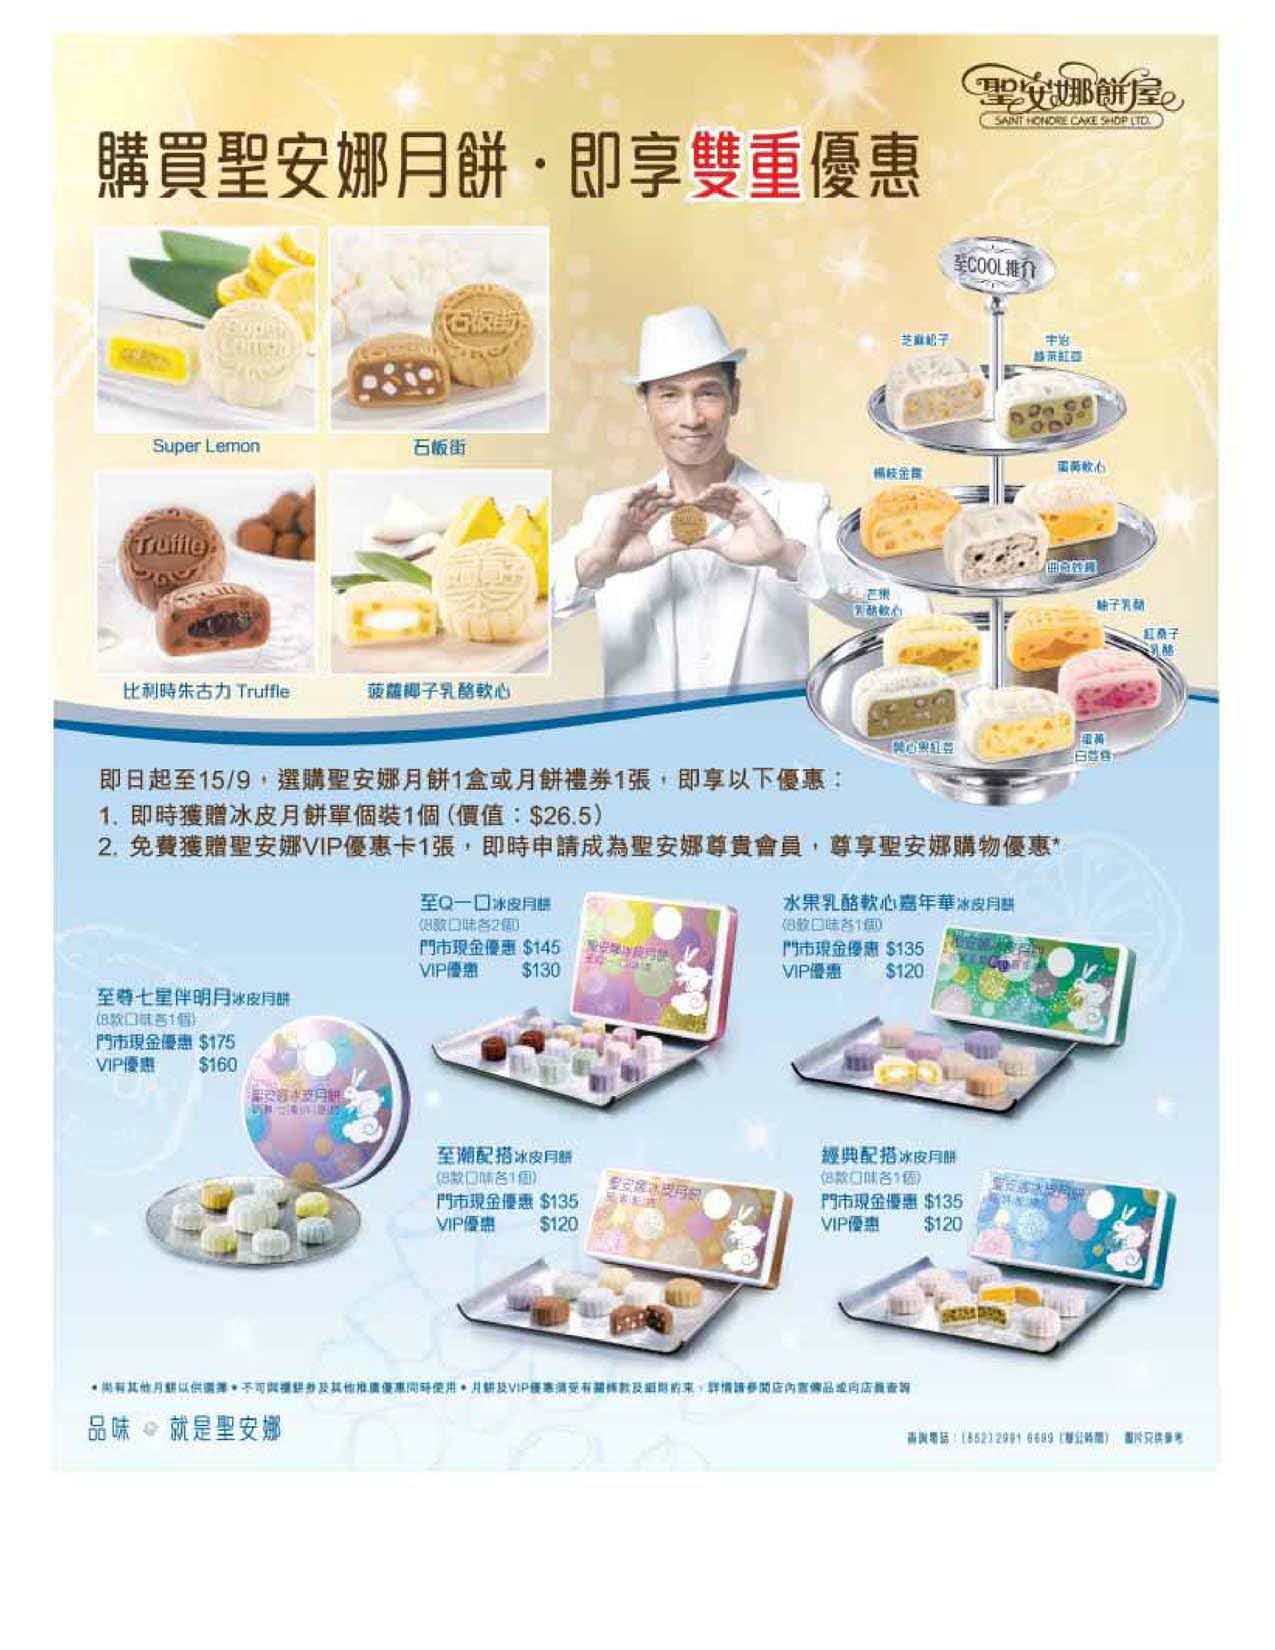 購買聖安娜月餅 即享雙重優惠 | Hong Kong Coupon